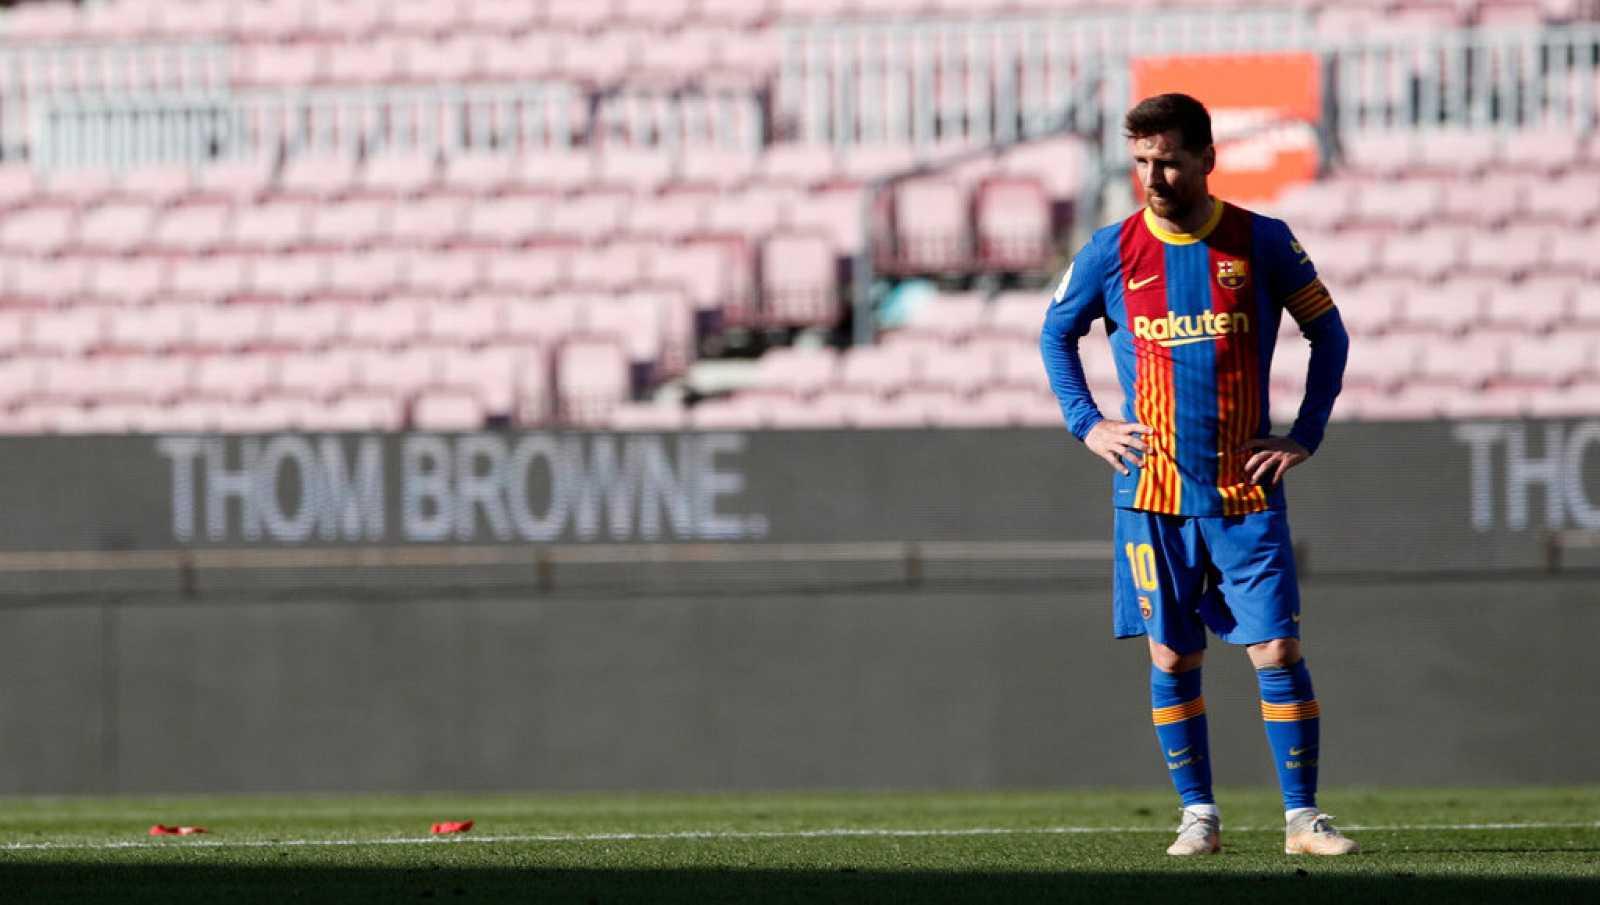 Tablero deportivo - El F.C. Barcelona se deja la Liga en el Camp Nou - Escuchar ahora